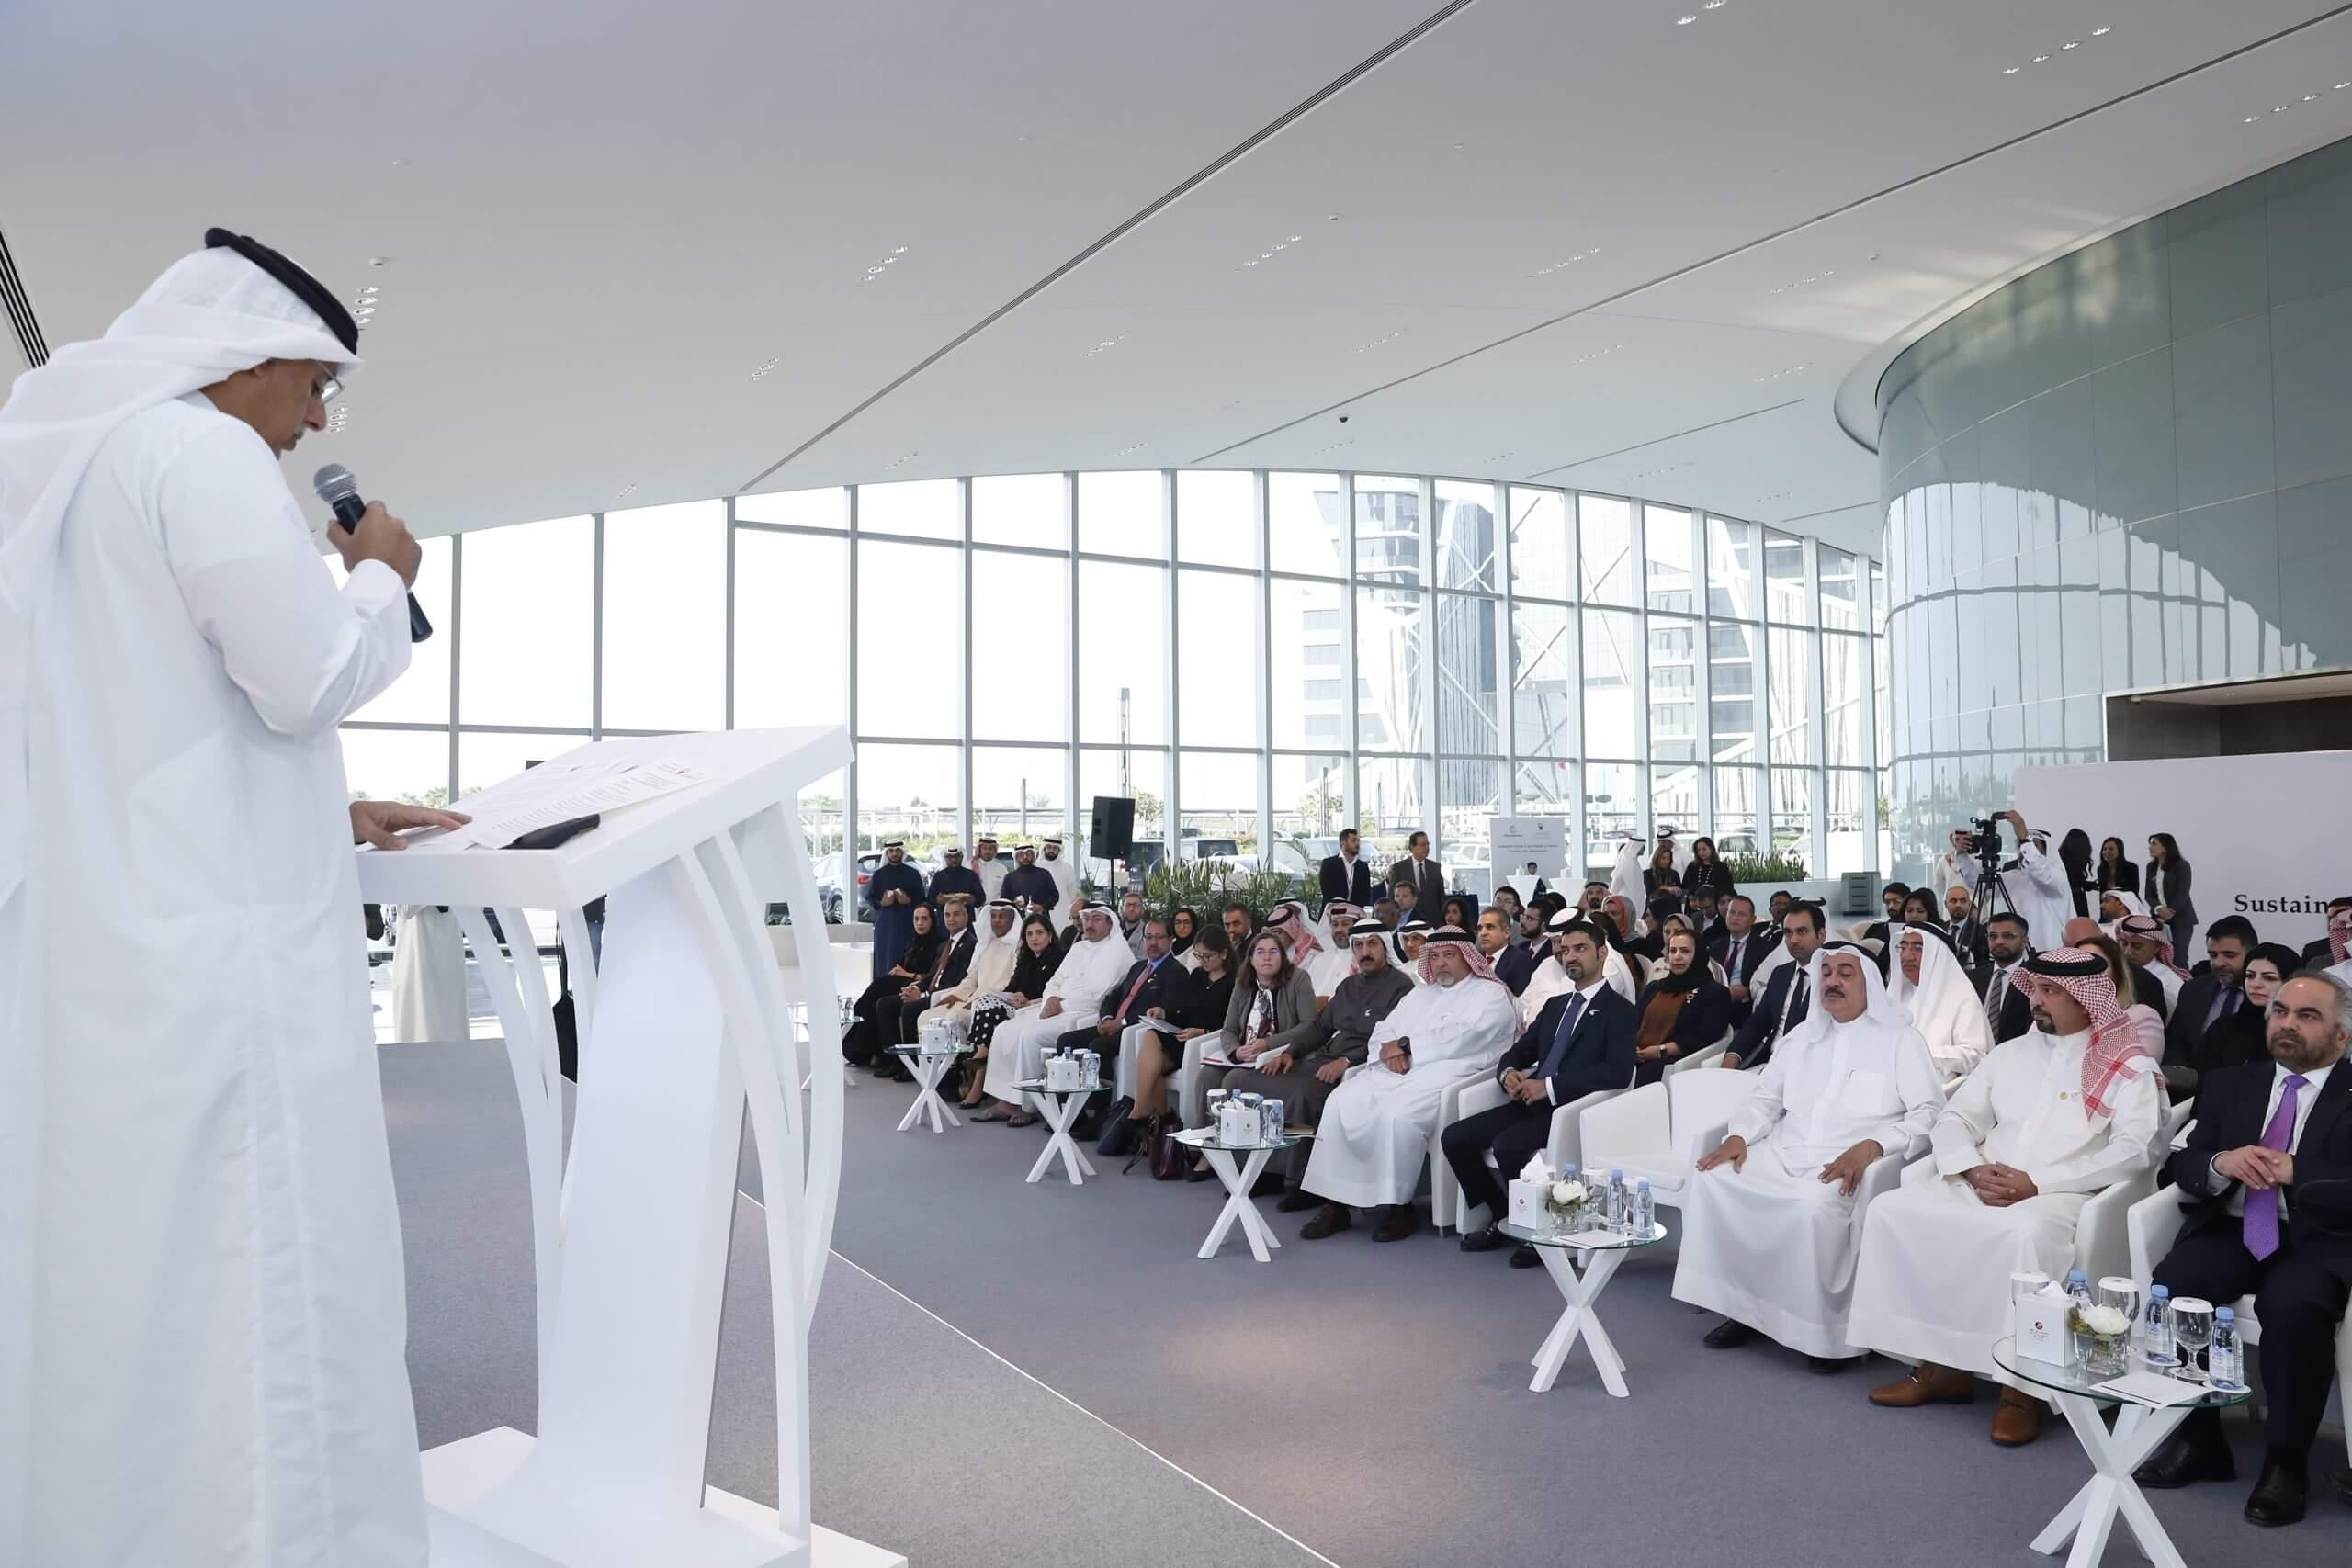 مملكة البحرين تسير بخطوات ثابتة وواعدة في تحسين بيئة الأعمال بمؤشرات دولية